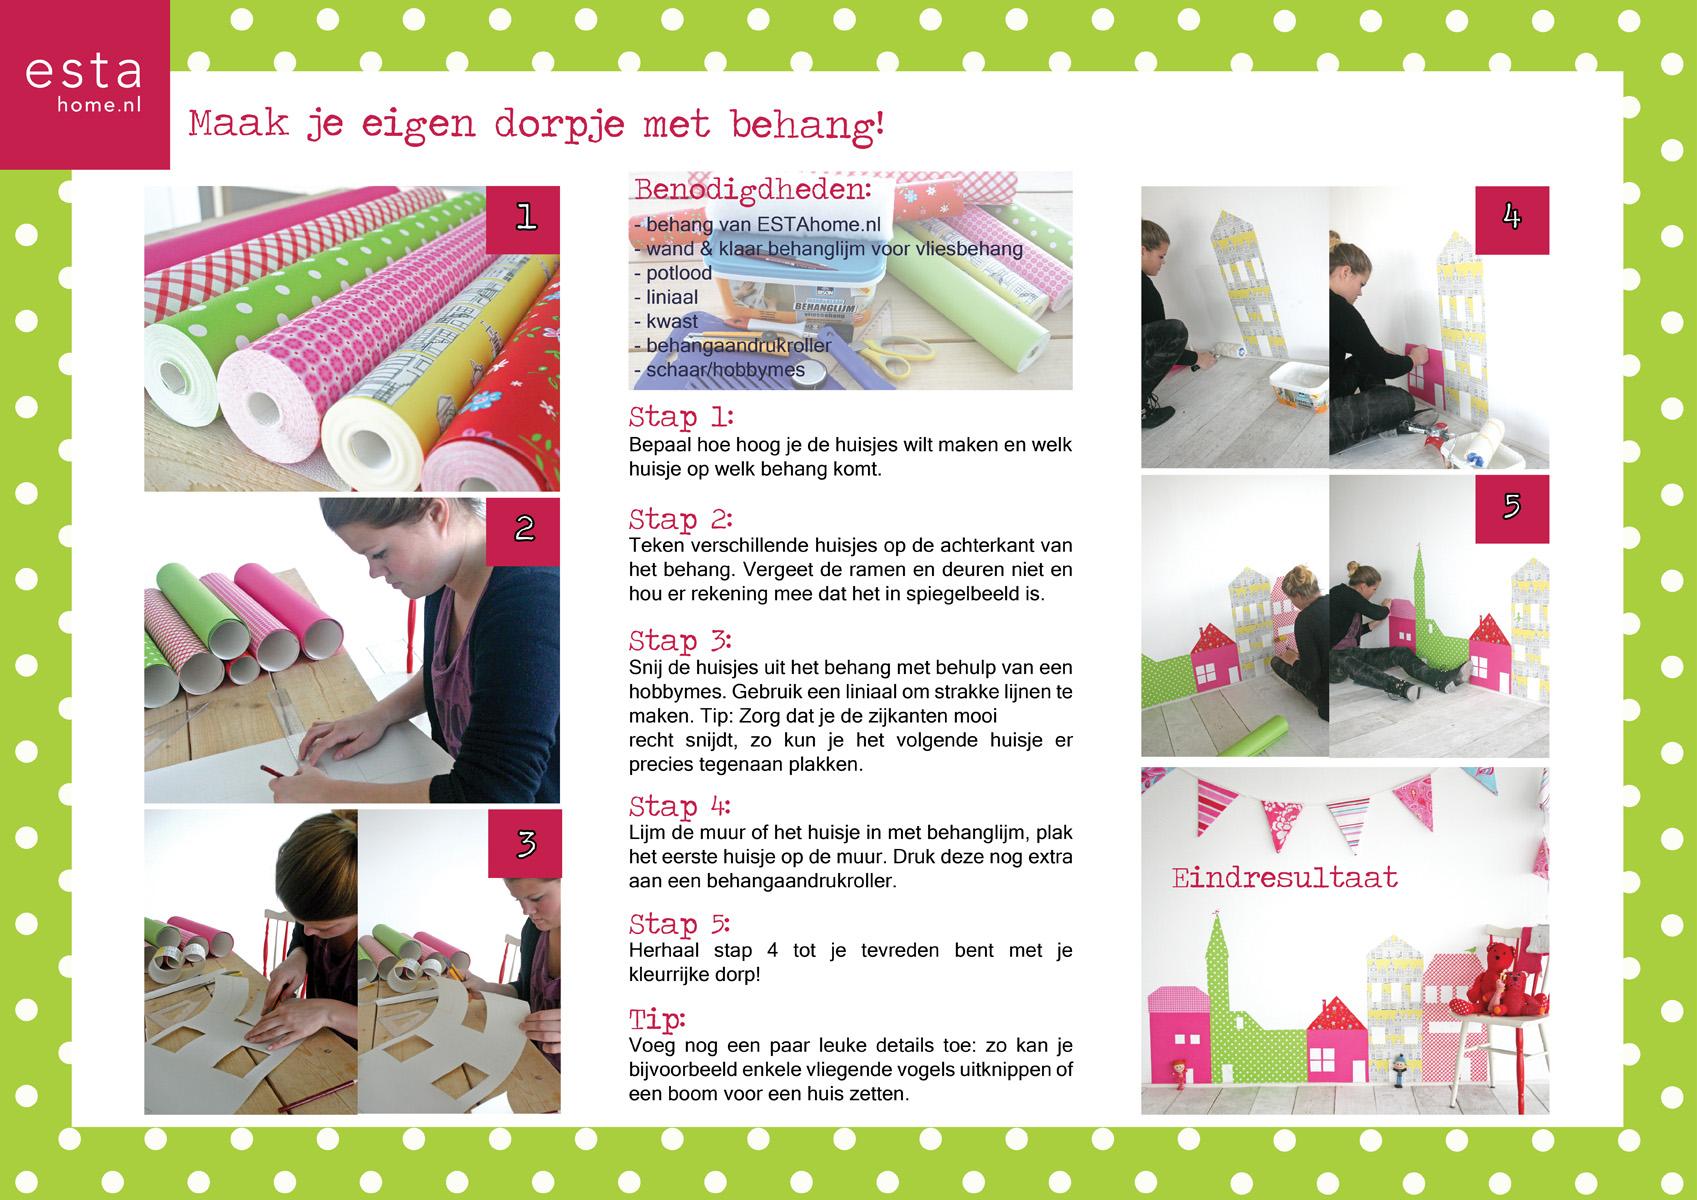 DIY maak je eigen behangdorpje van behang ESTAhome.nl